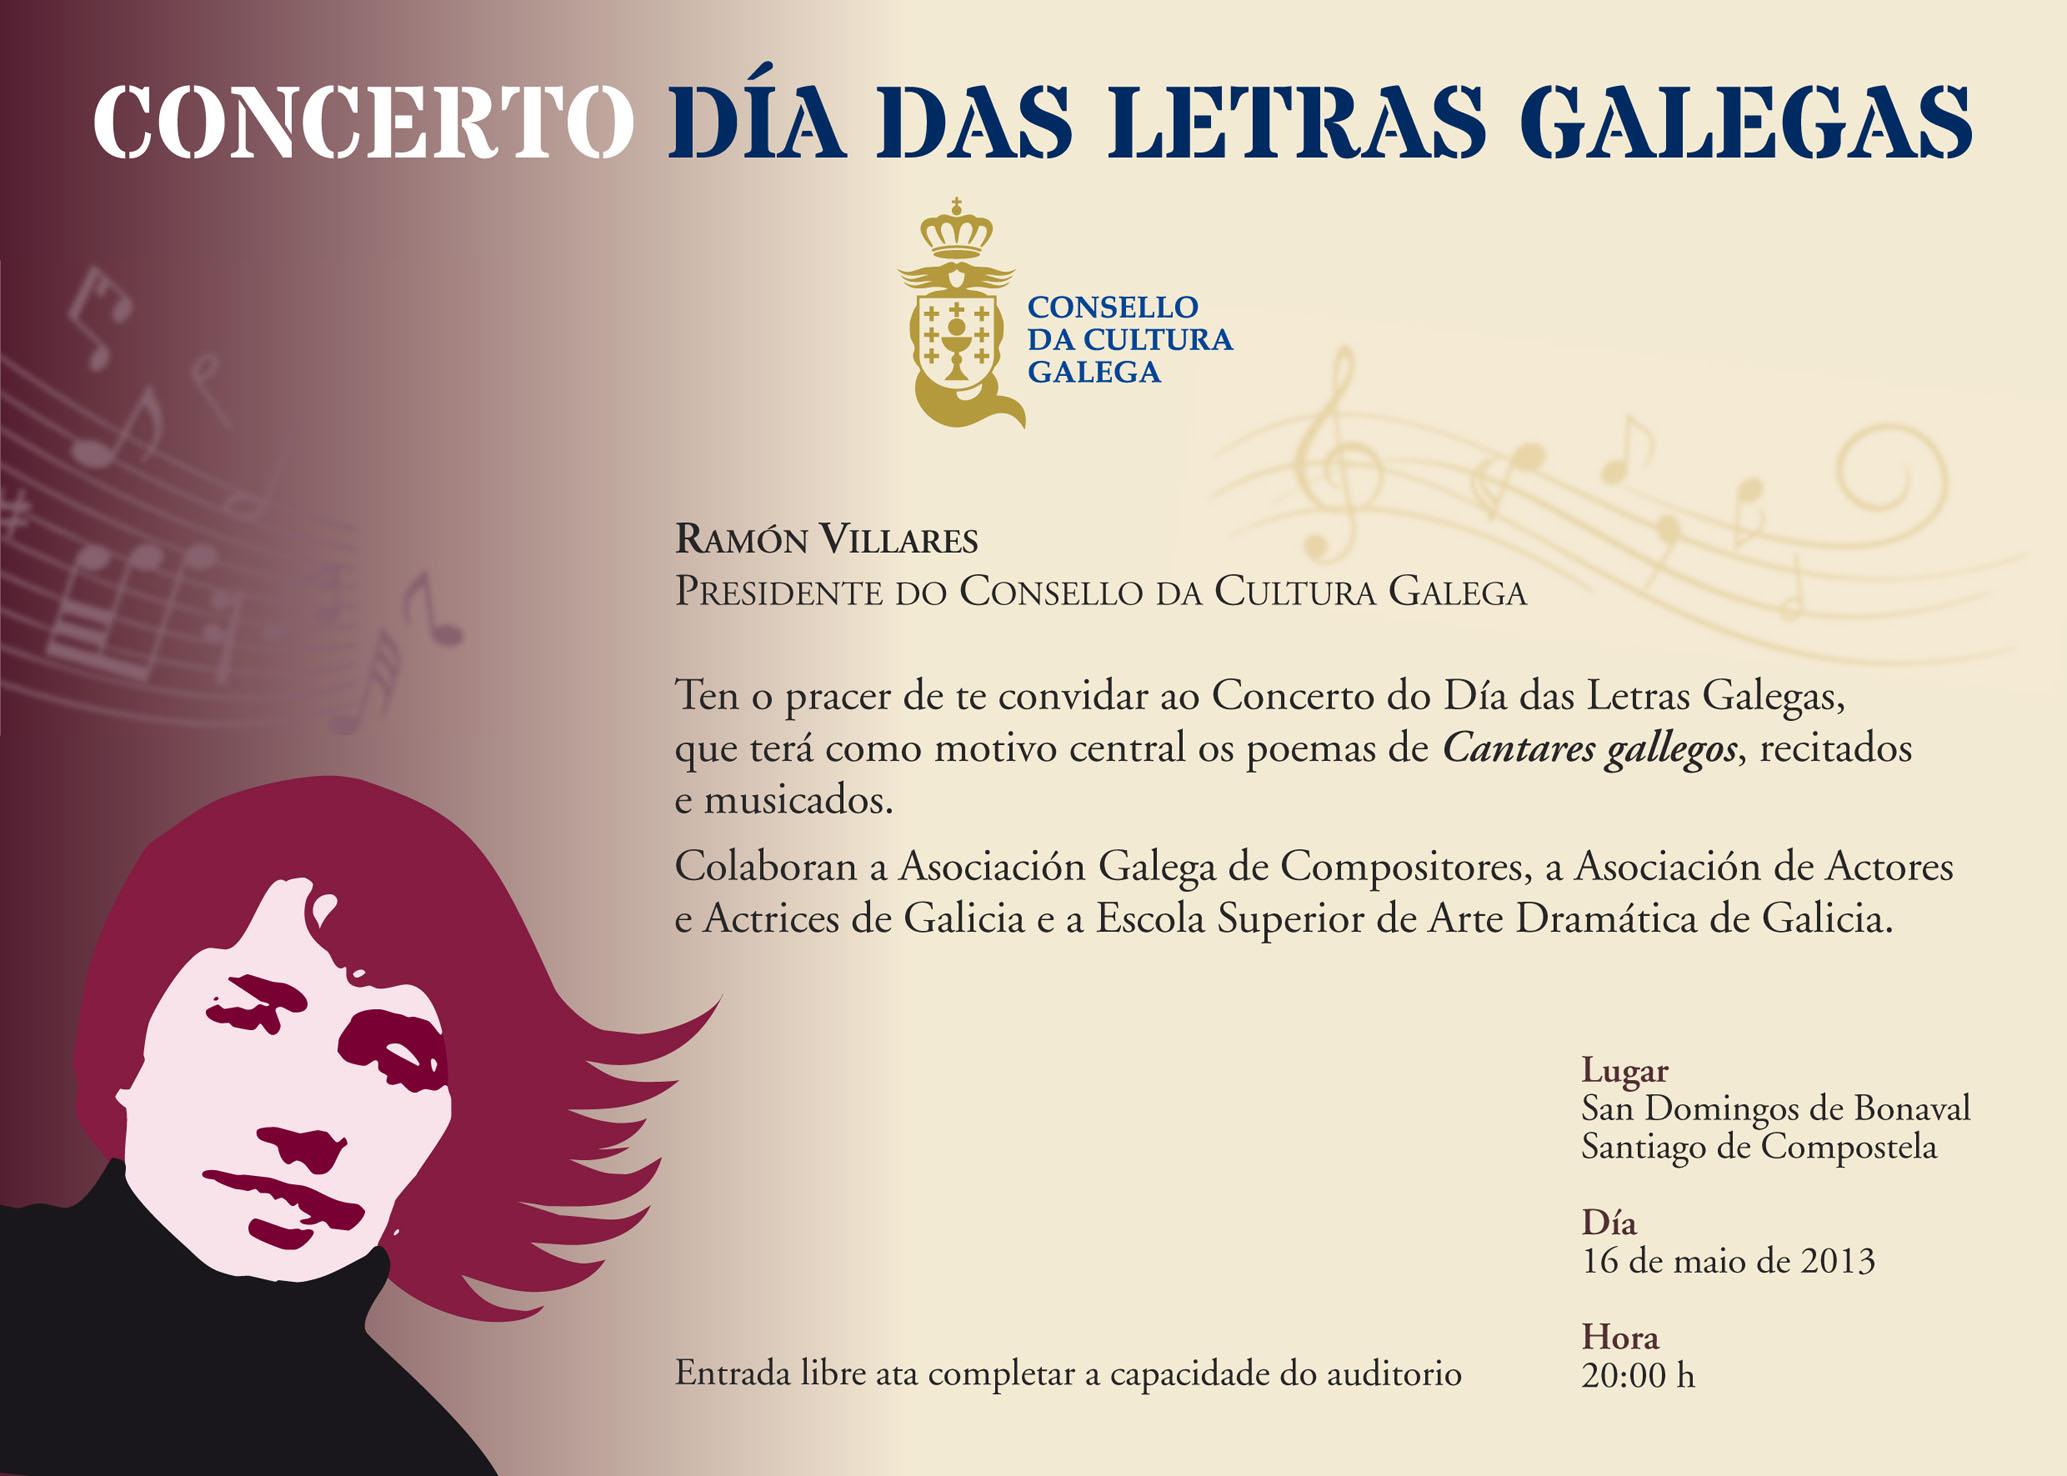 O concerto <i>Aqueles doces cantares</i> terá lugar ás 20:00 horas en San Domingos de Bonaval